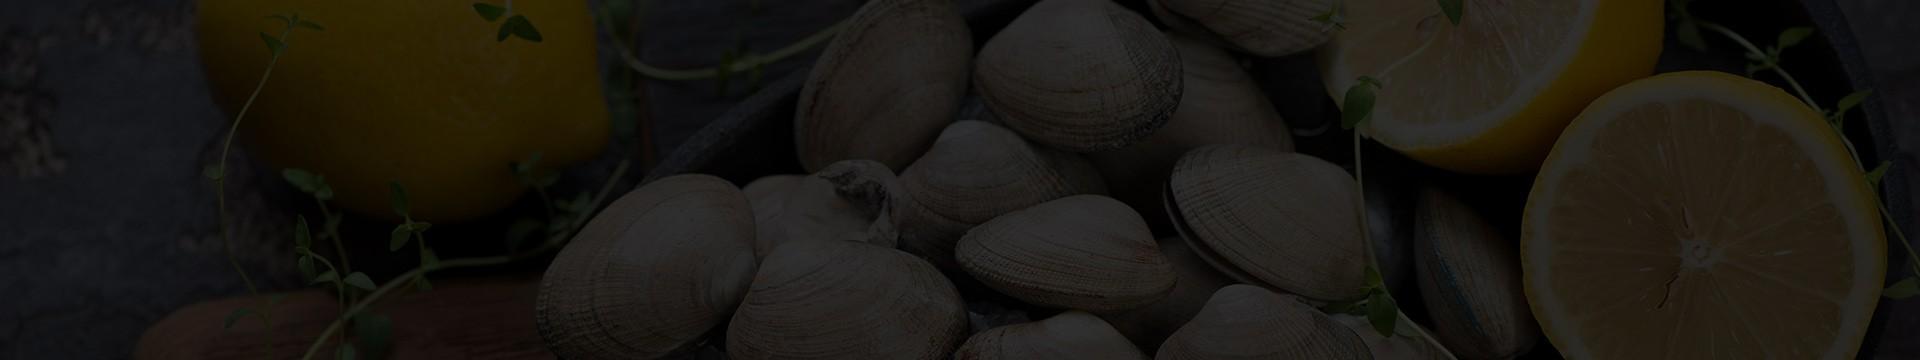 Mariscos Salvajes Del Atlántico. Tienda gourmet